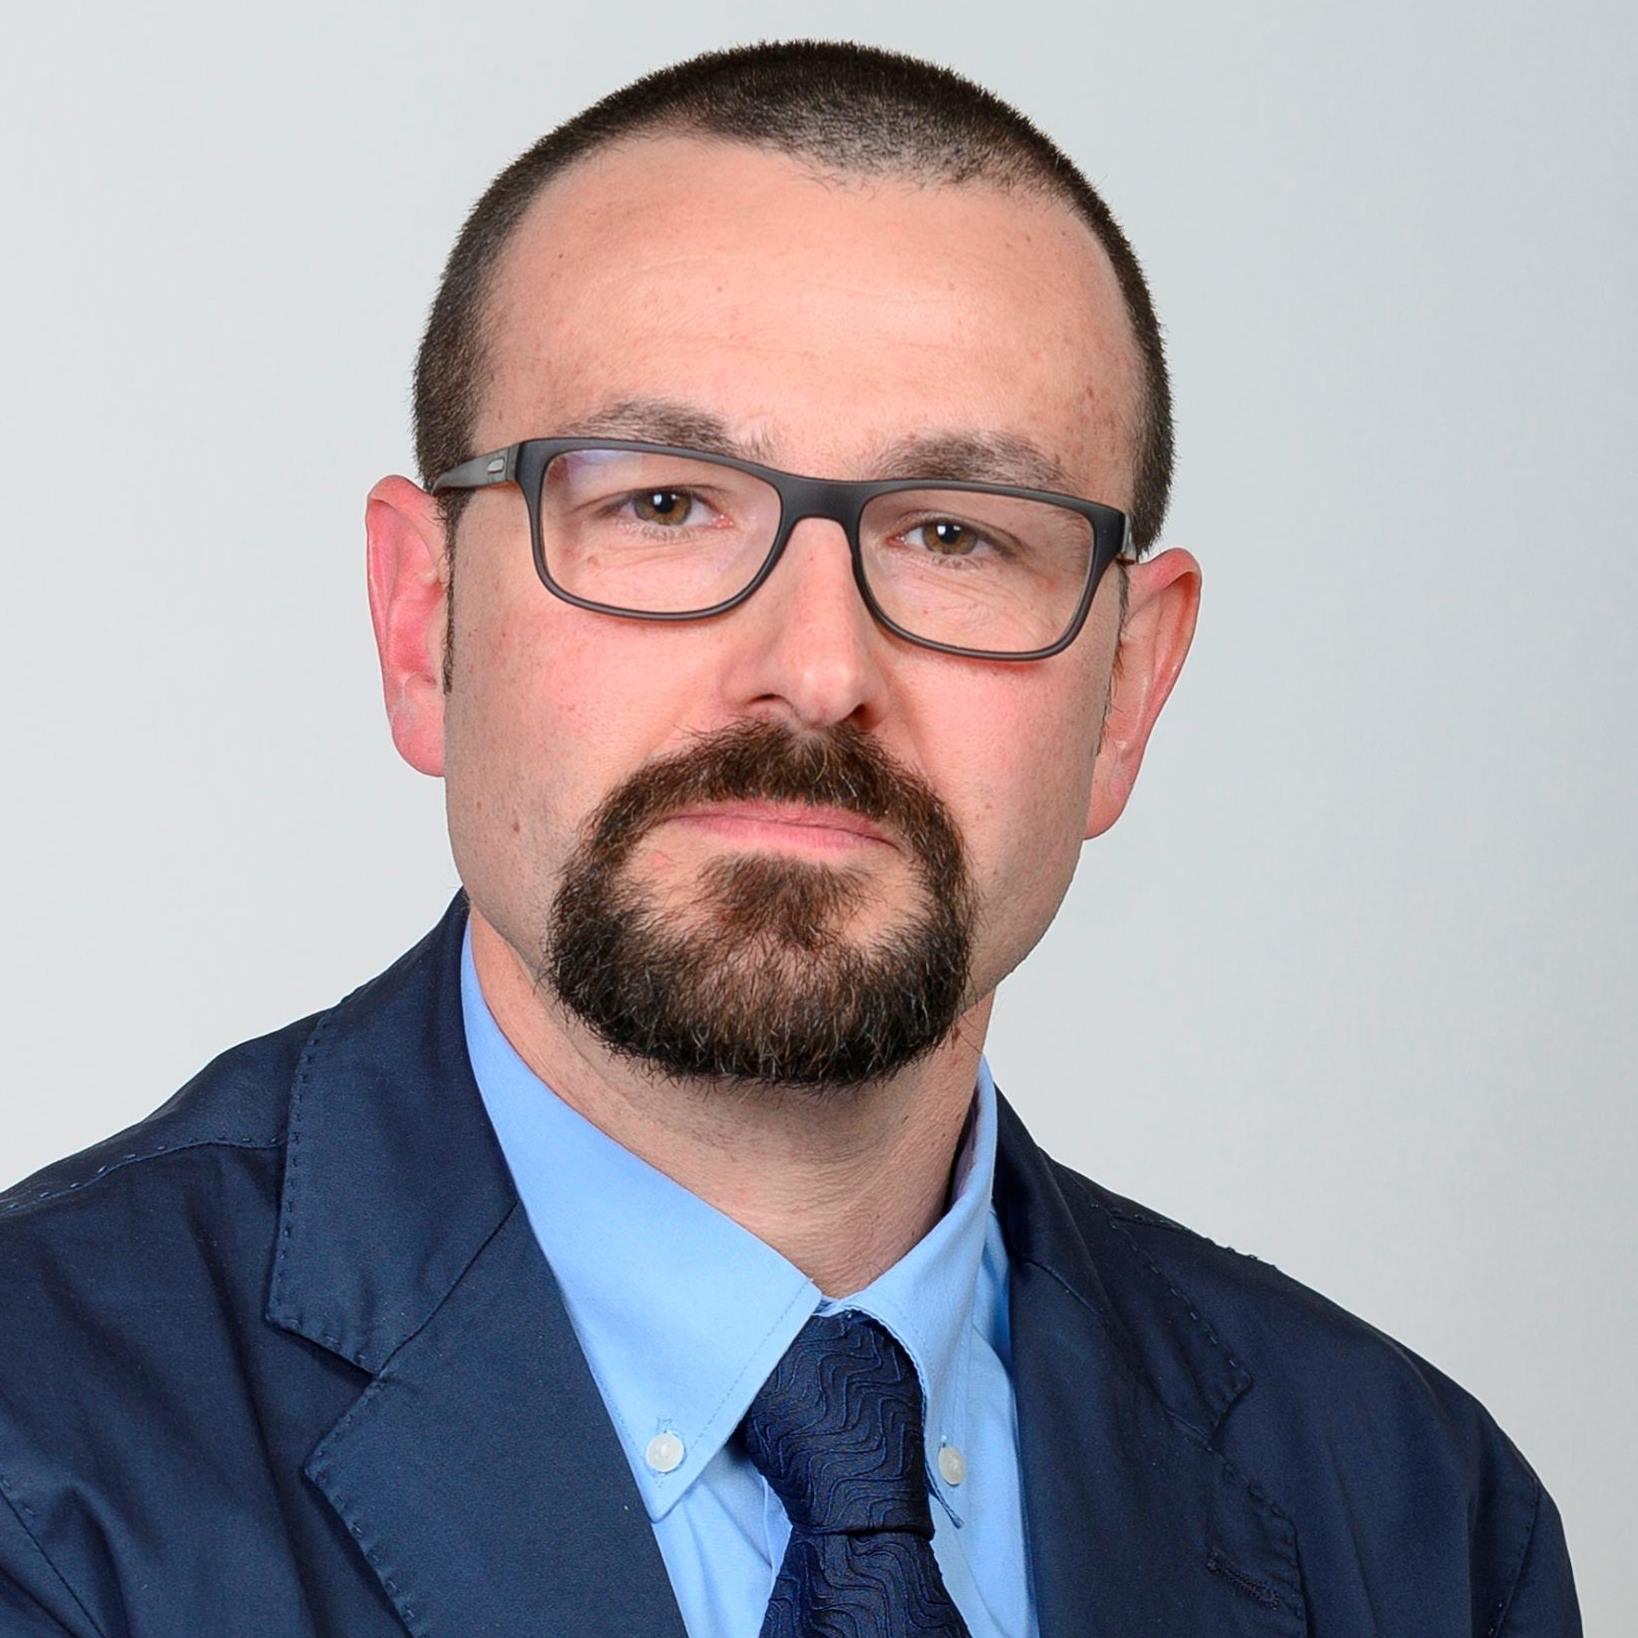 Gianfranco vestito con abito e cravatta blu e occhiali neri